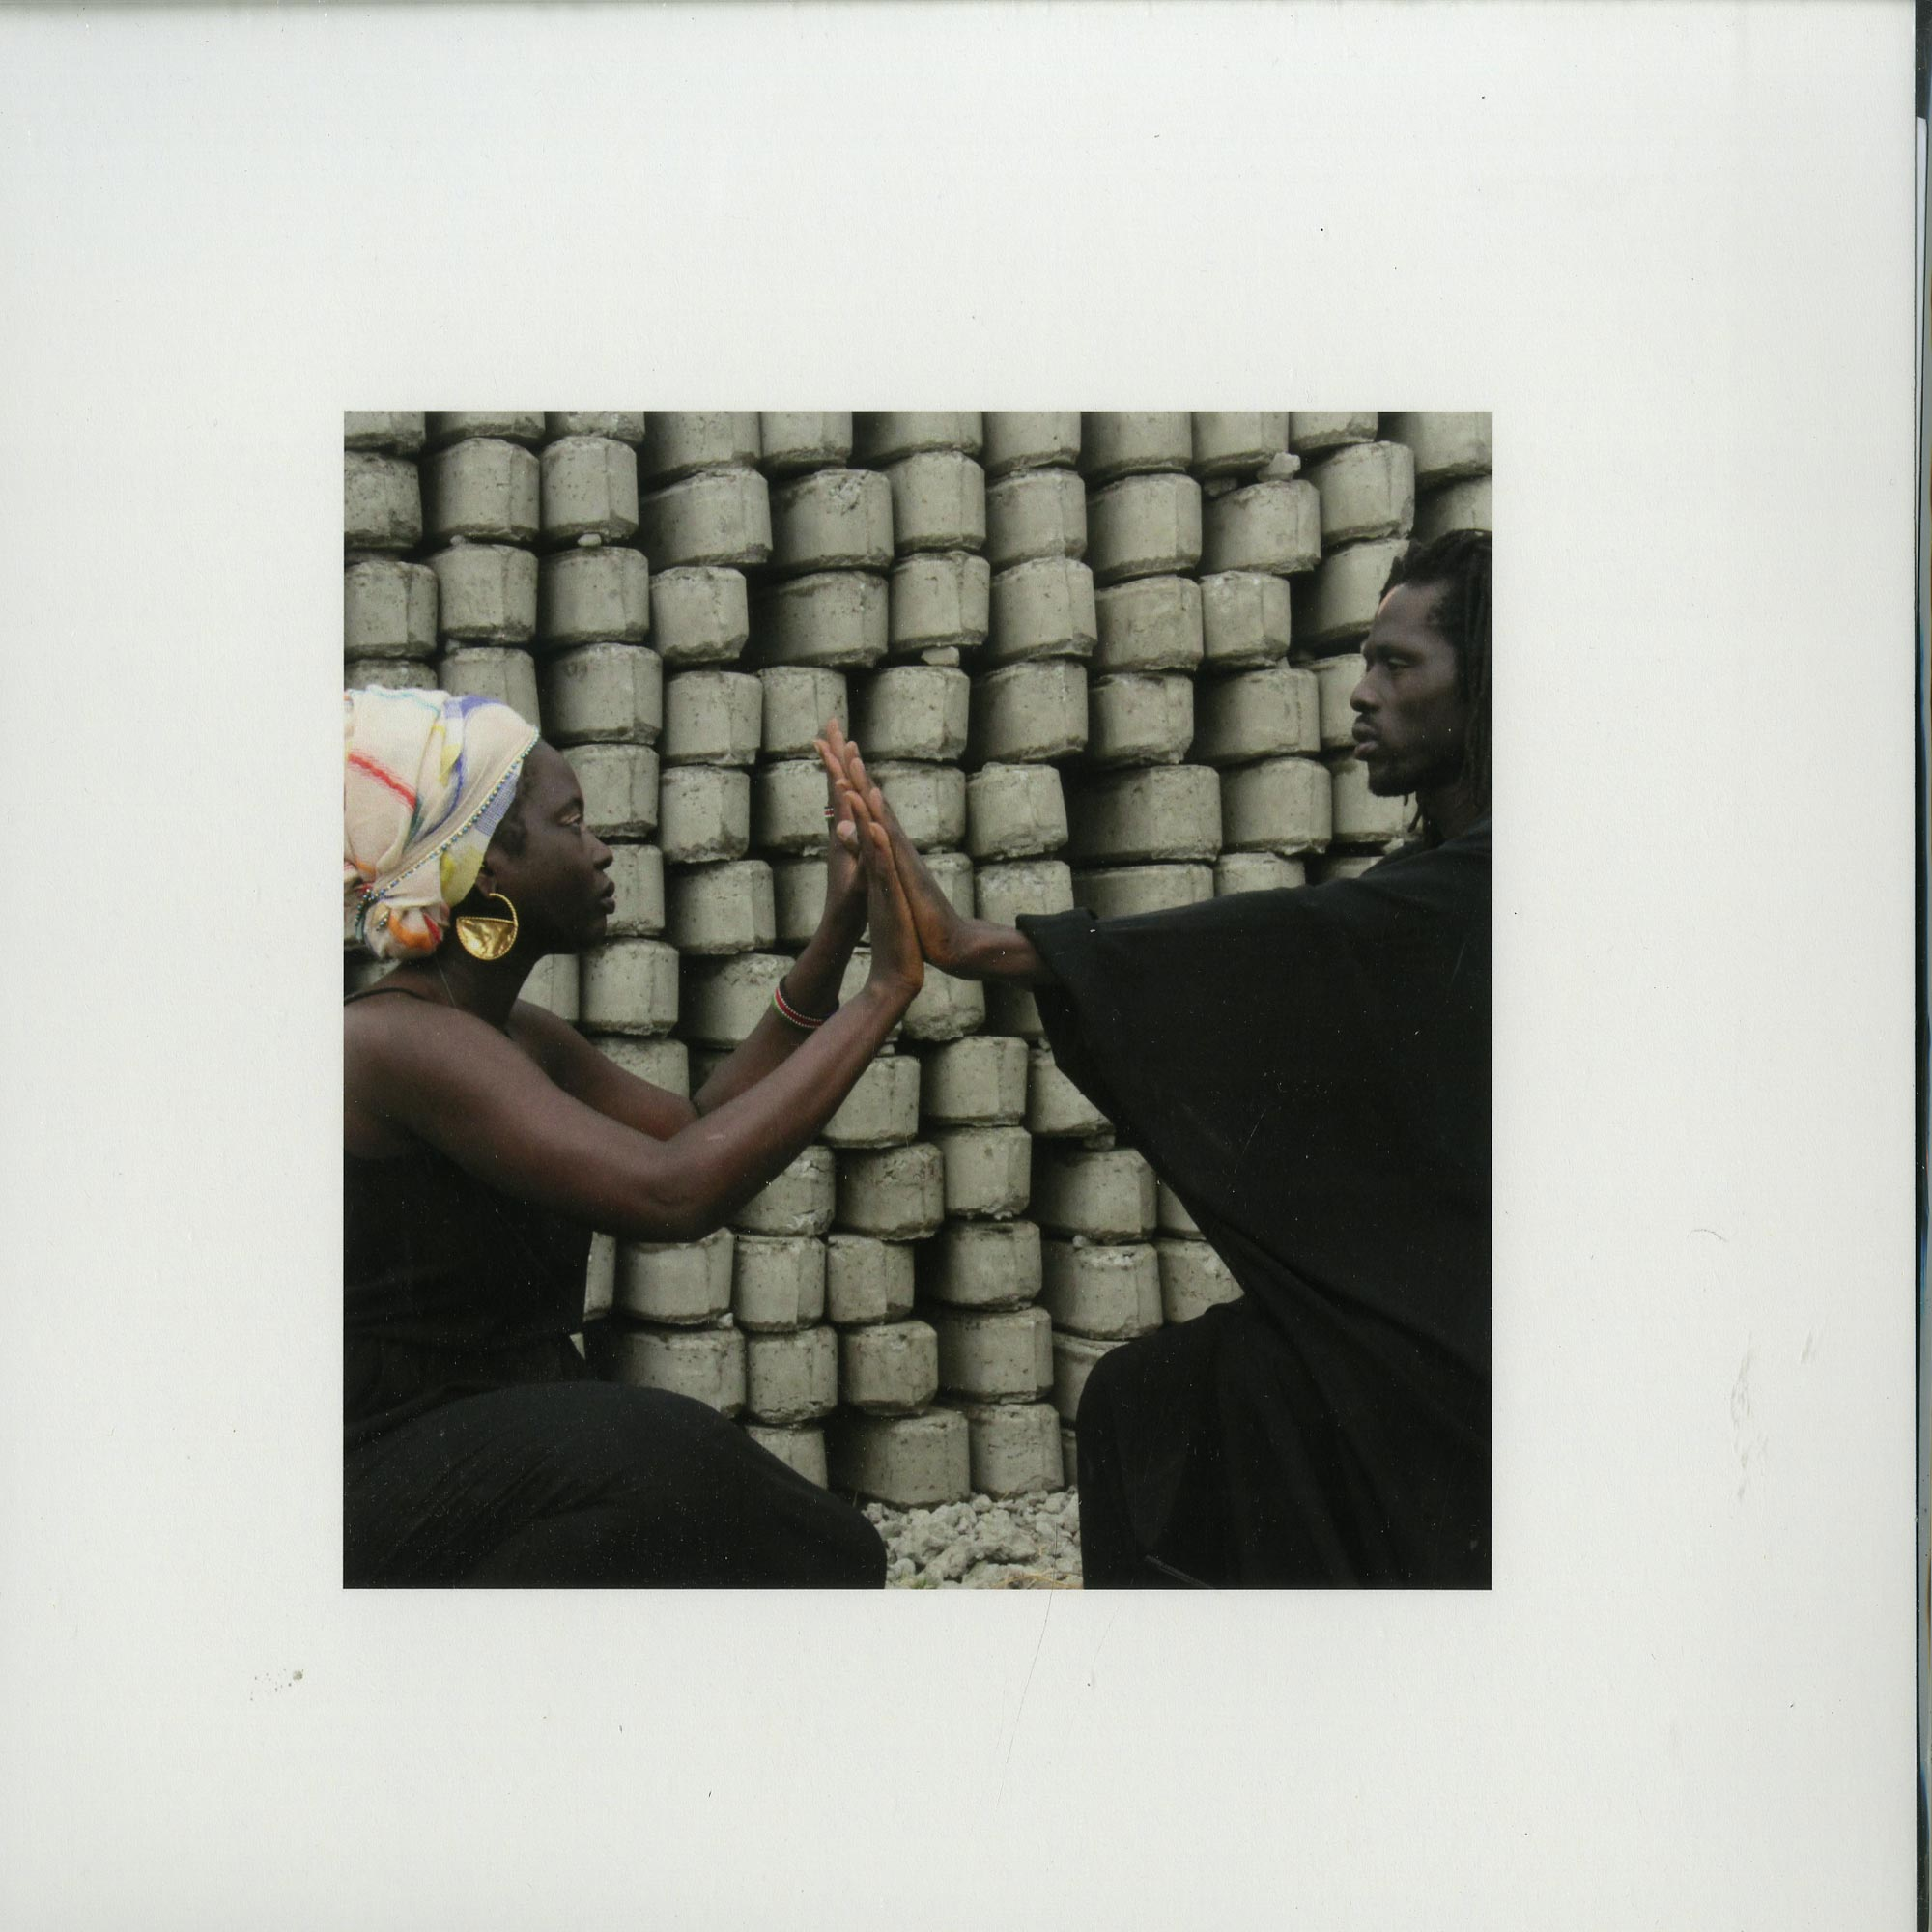 Emmanuel Jal, Nyaruach - TI CHUONG REMIXES